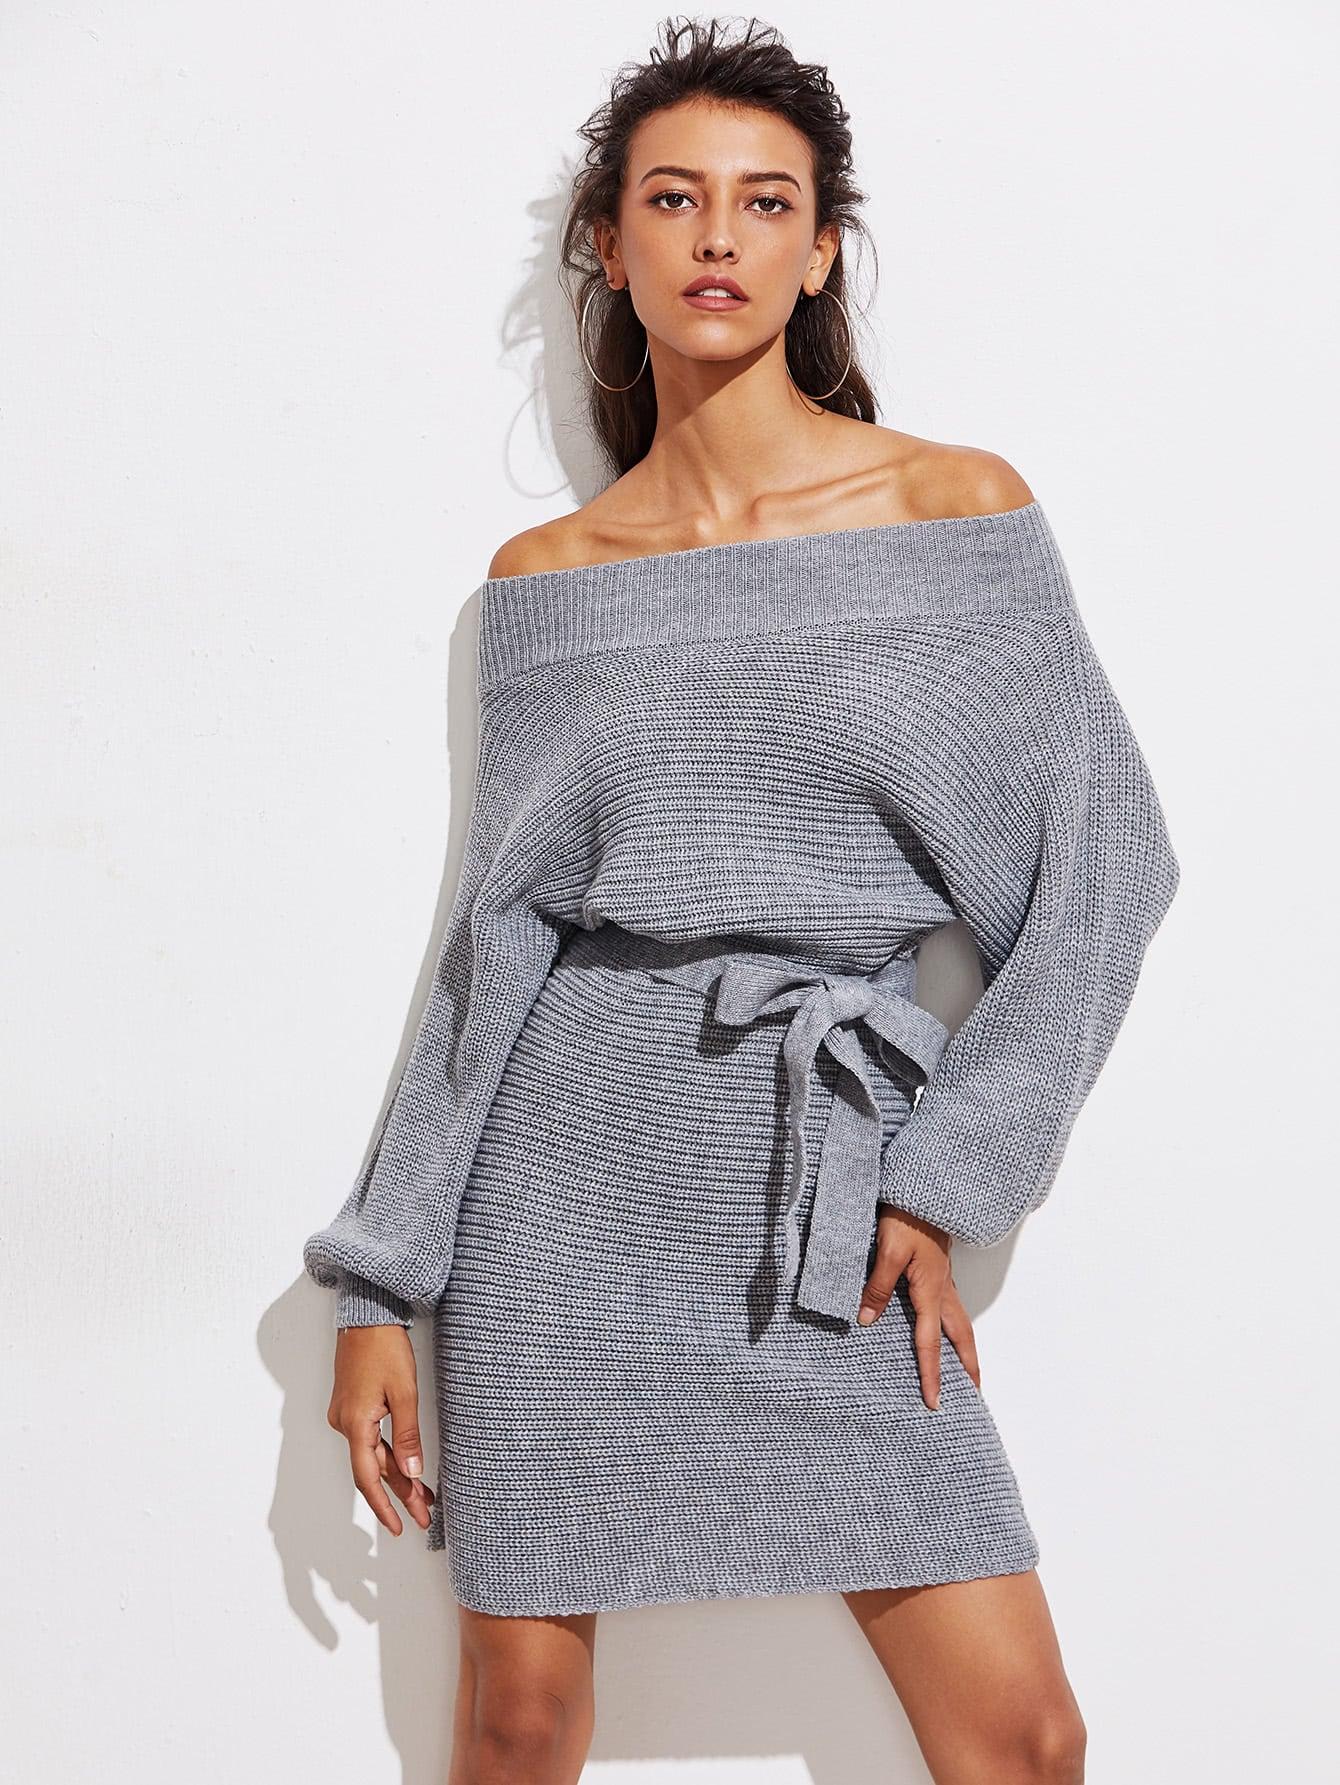 Long Sweater For Leggings